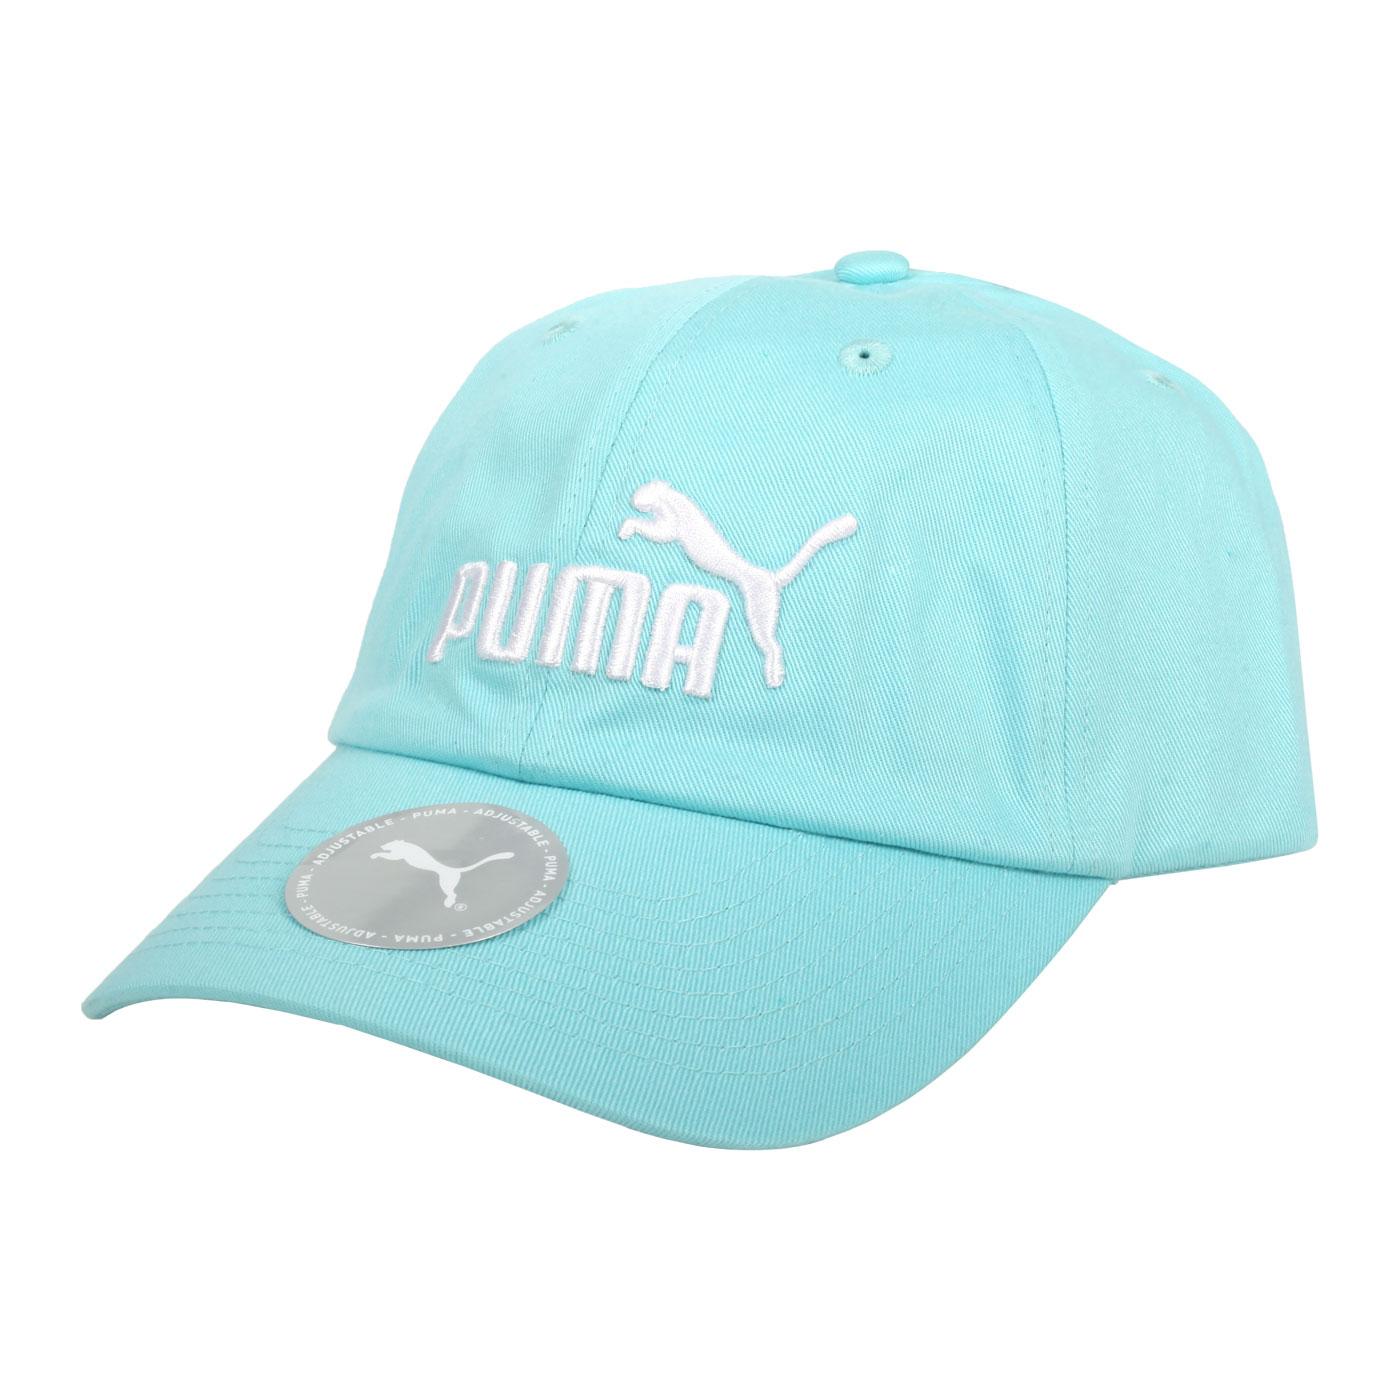 PUMA 基本系列棒球帽 02241638